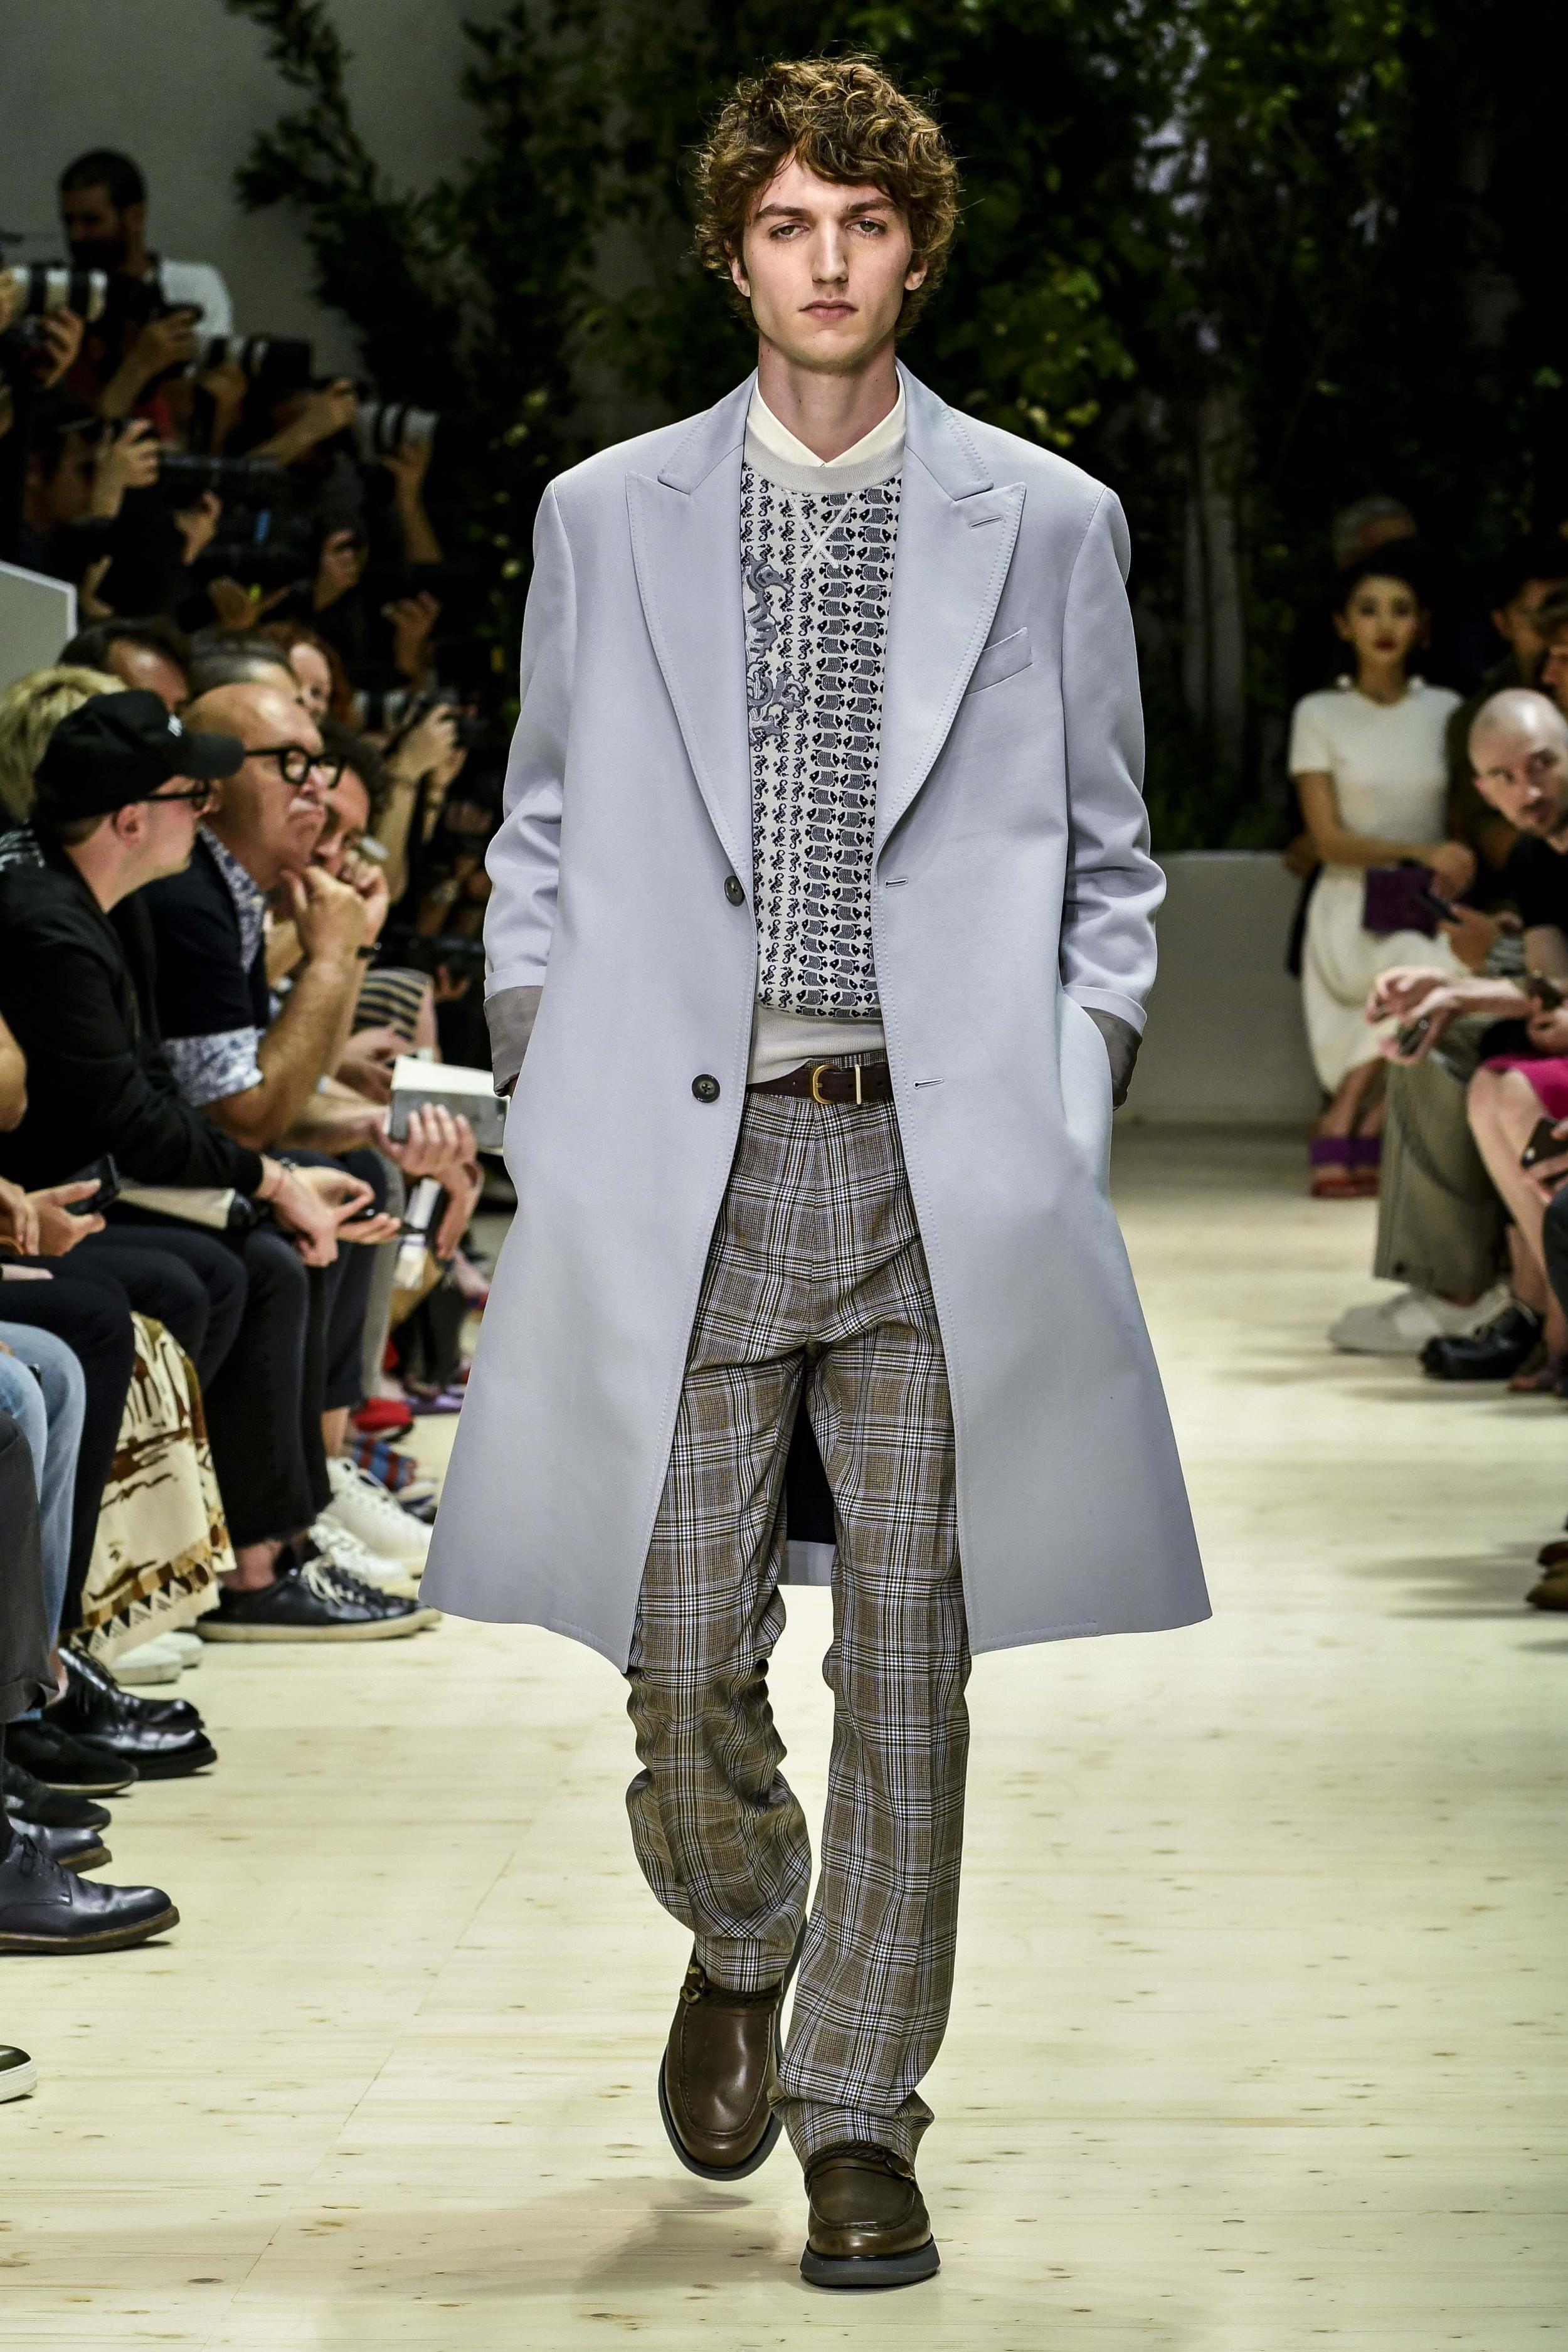 Milan Men's Fashion Week Spring Summer 2018: Ein taubengrauer Mantel in Kombination mit einer karierten Hose bei Salvatore Ferragamo